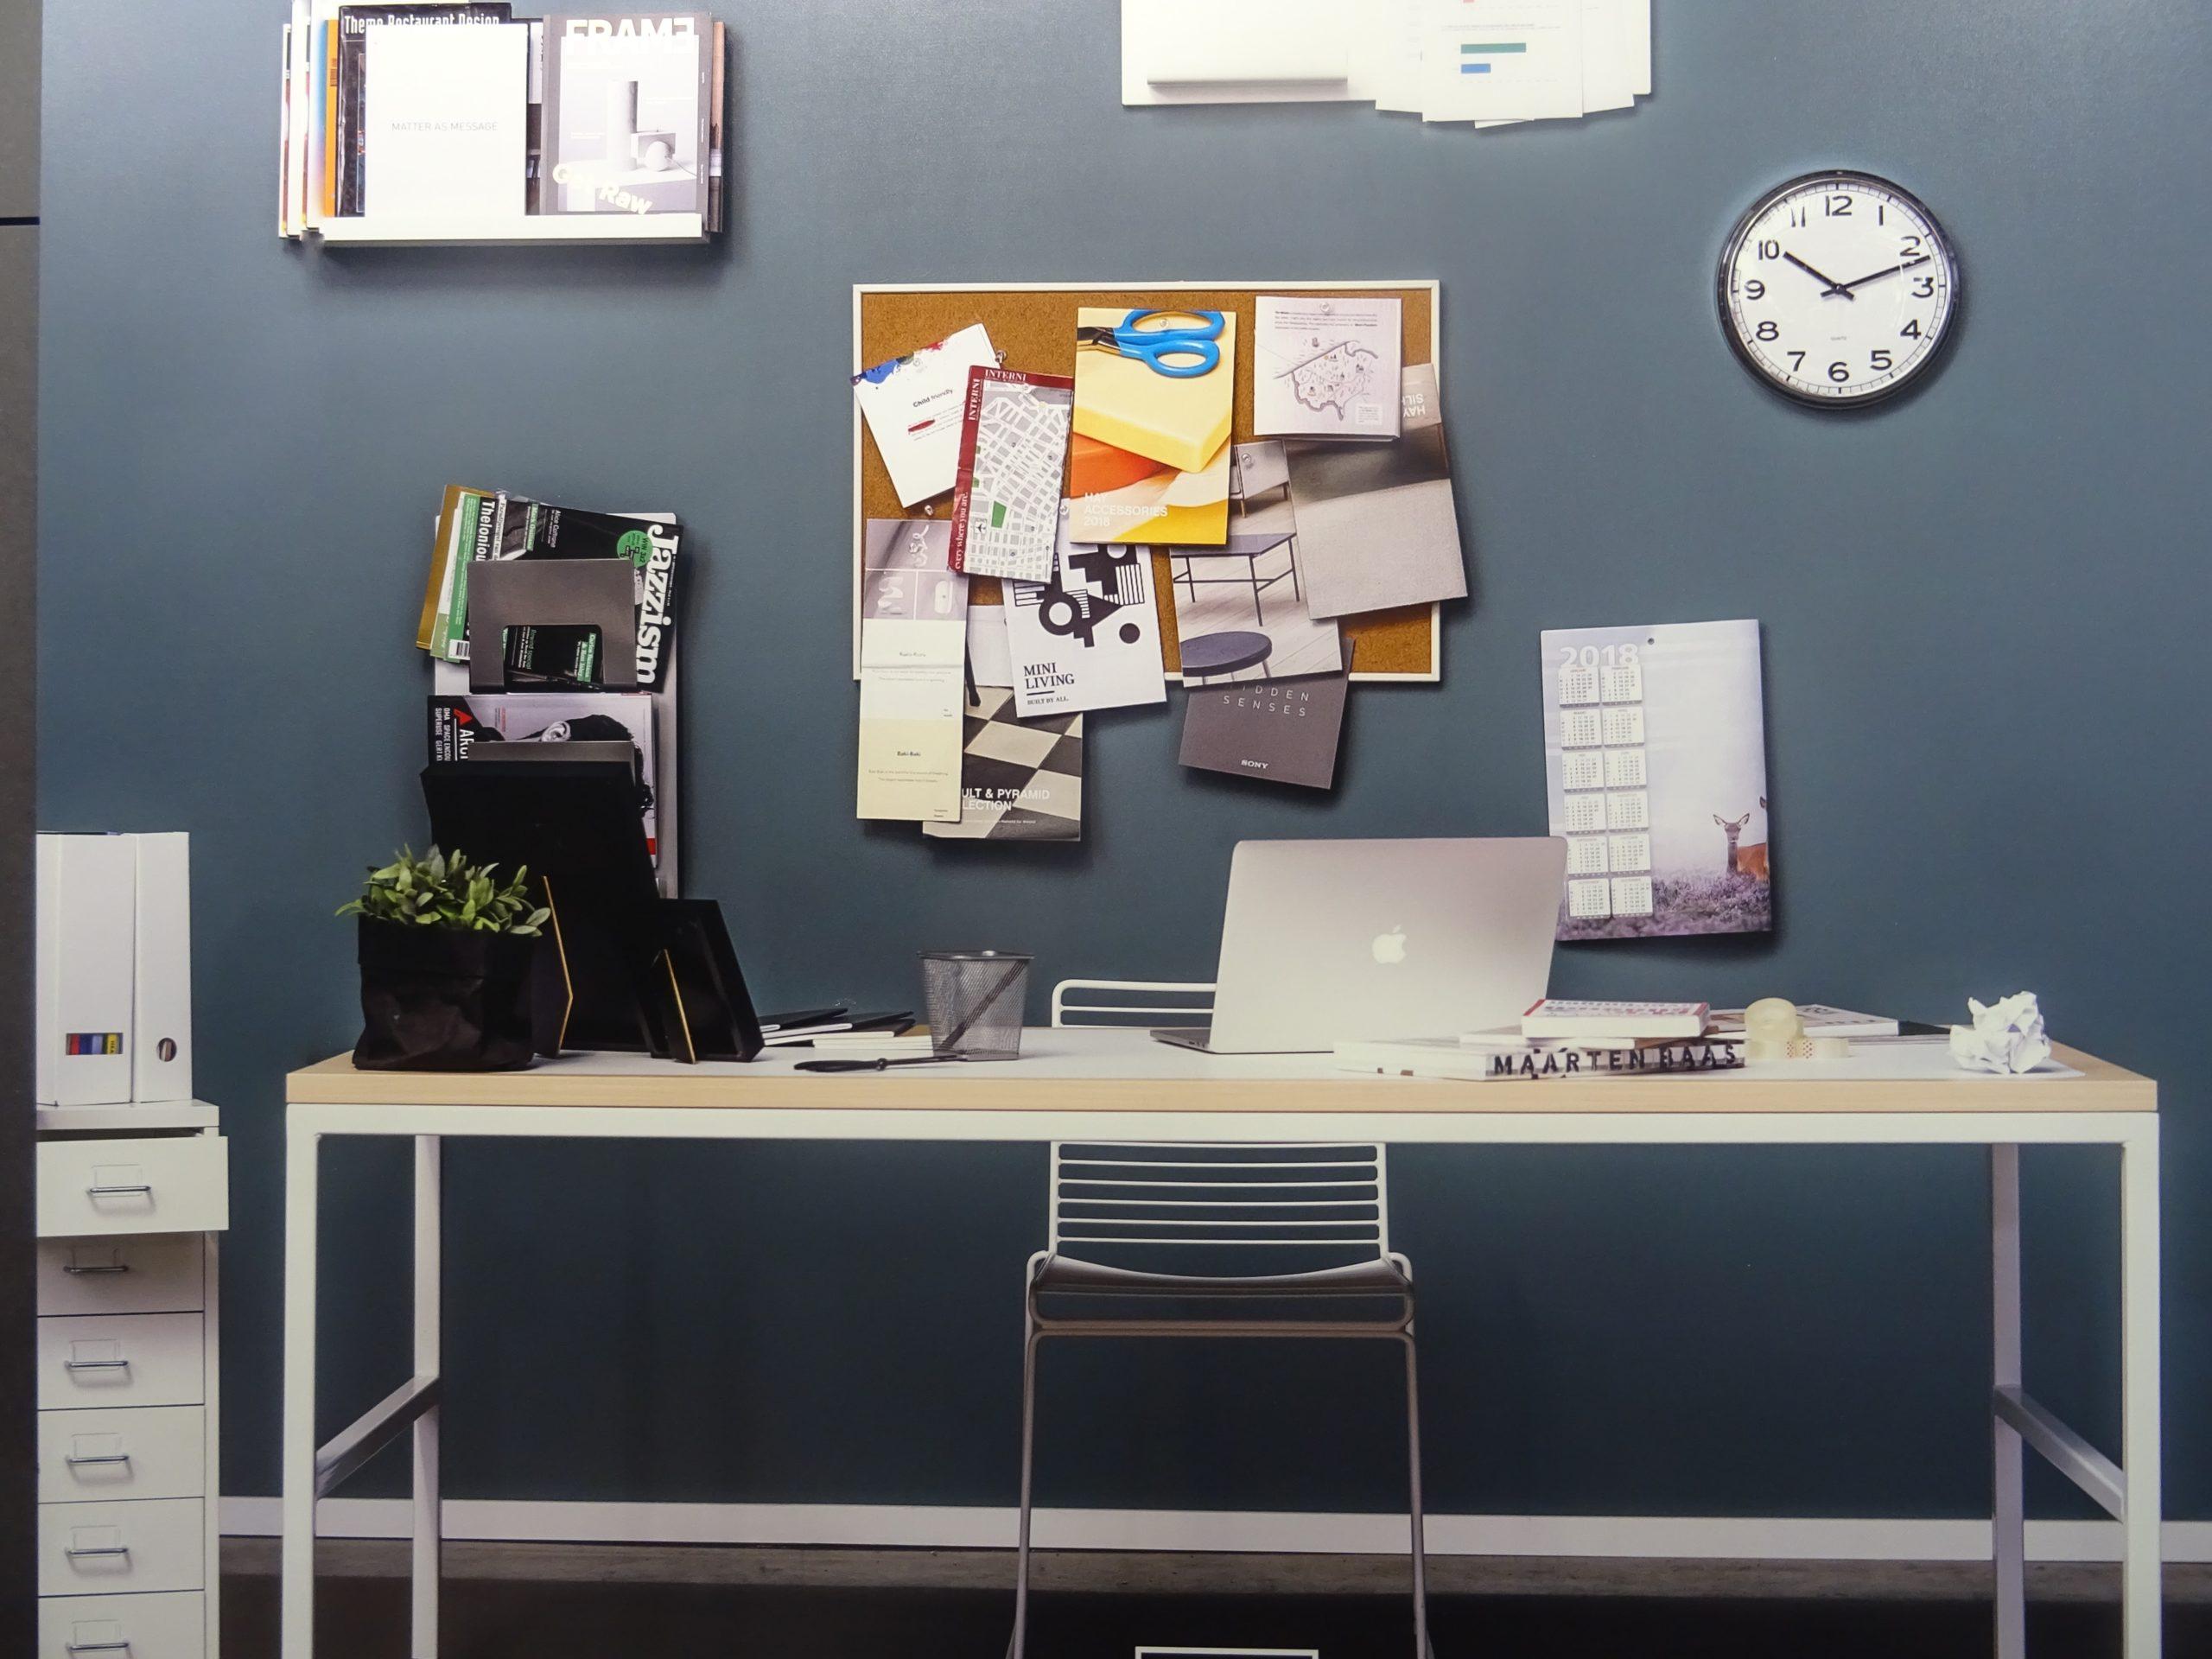 オフィスの移転・原状回復|オフィス原状回復豆知識|初めてのオフィス移転でよくある質問|オージェント